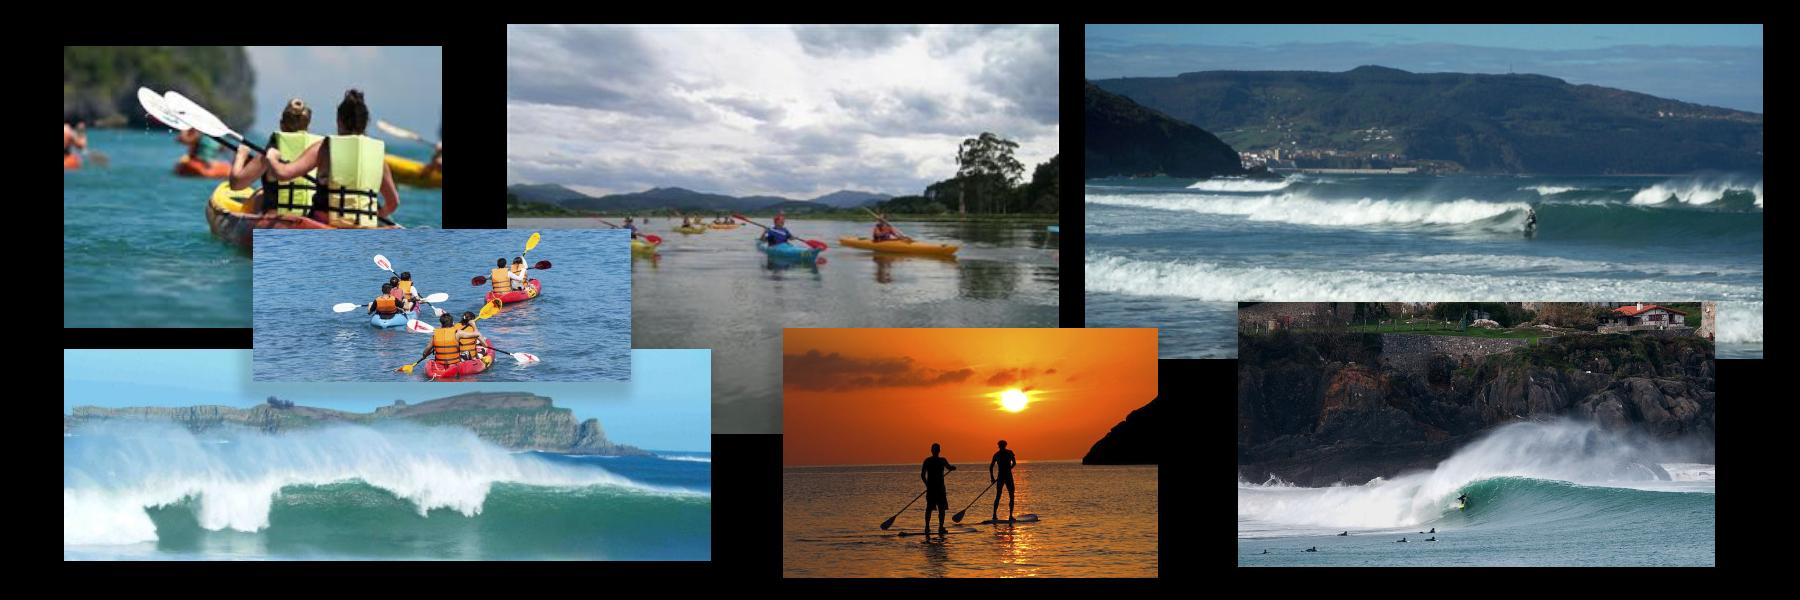 surf_padelsurf_kayak_urdaibai_baibike